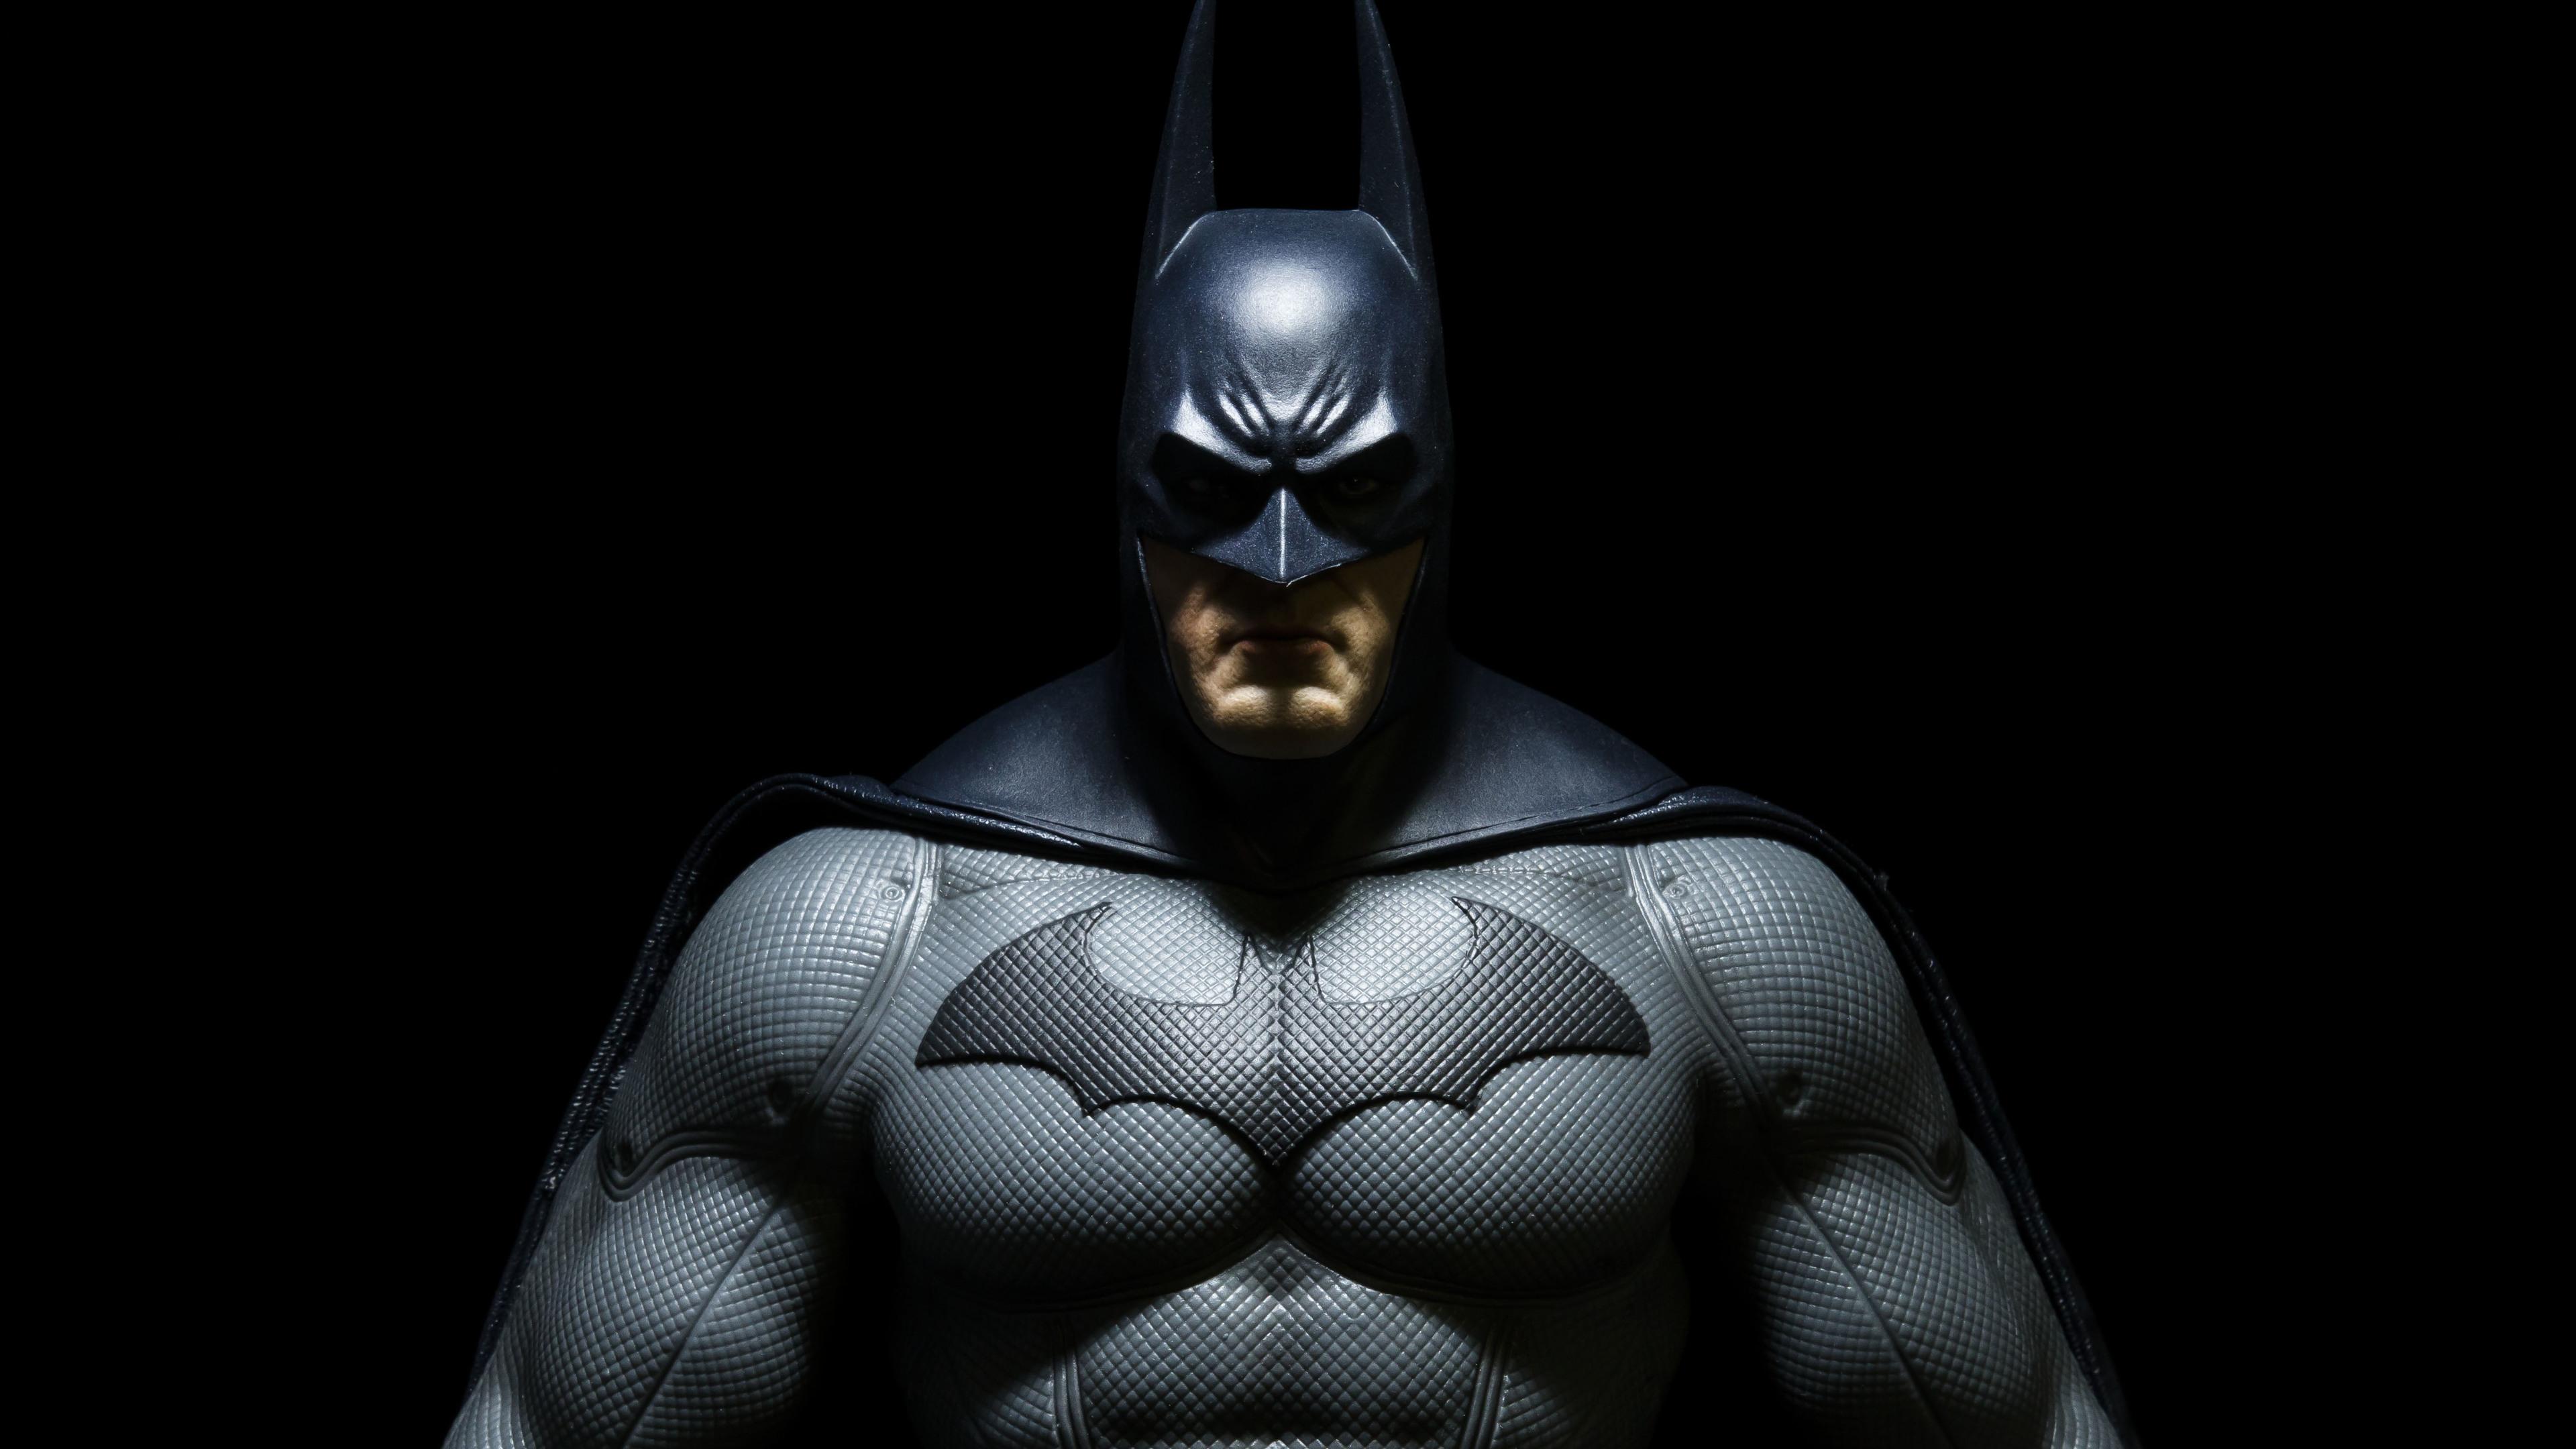 batman 5k digital art 1536524190 - Batman 5k Digital Art - superheroes wallpapers, hd-wallpapers, digital art wallpapers, batman wallpapers, artwork wallpapers, 5k wallpapers, 4k-wallpapers